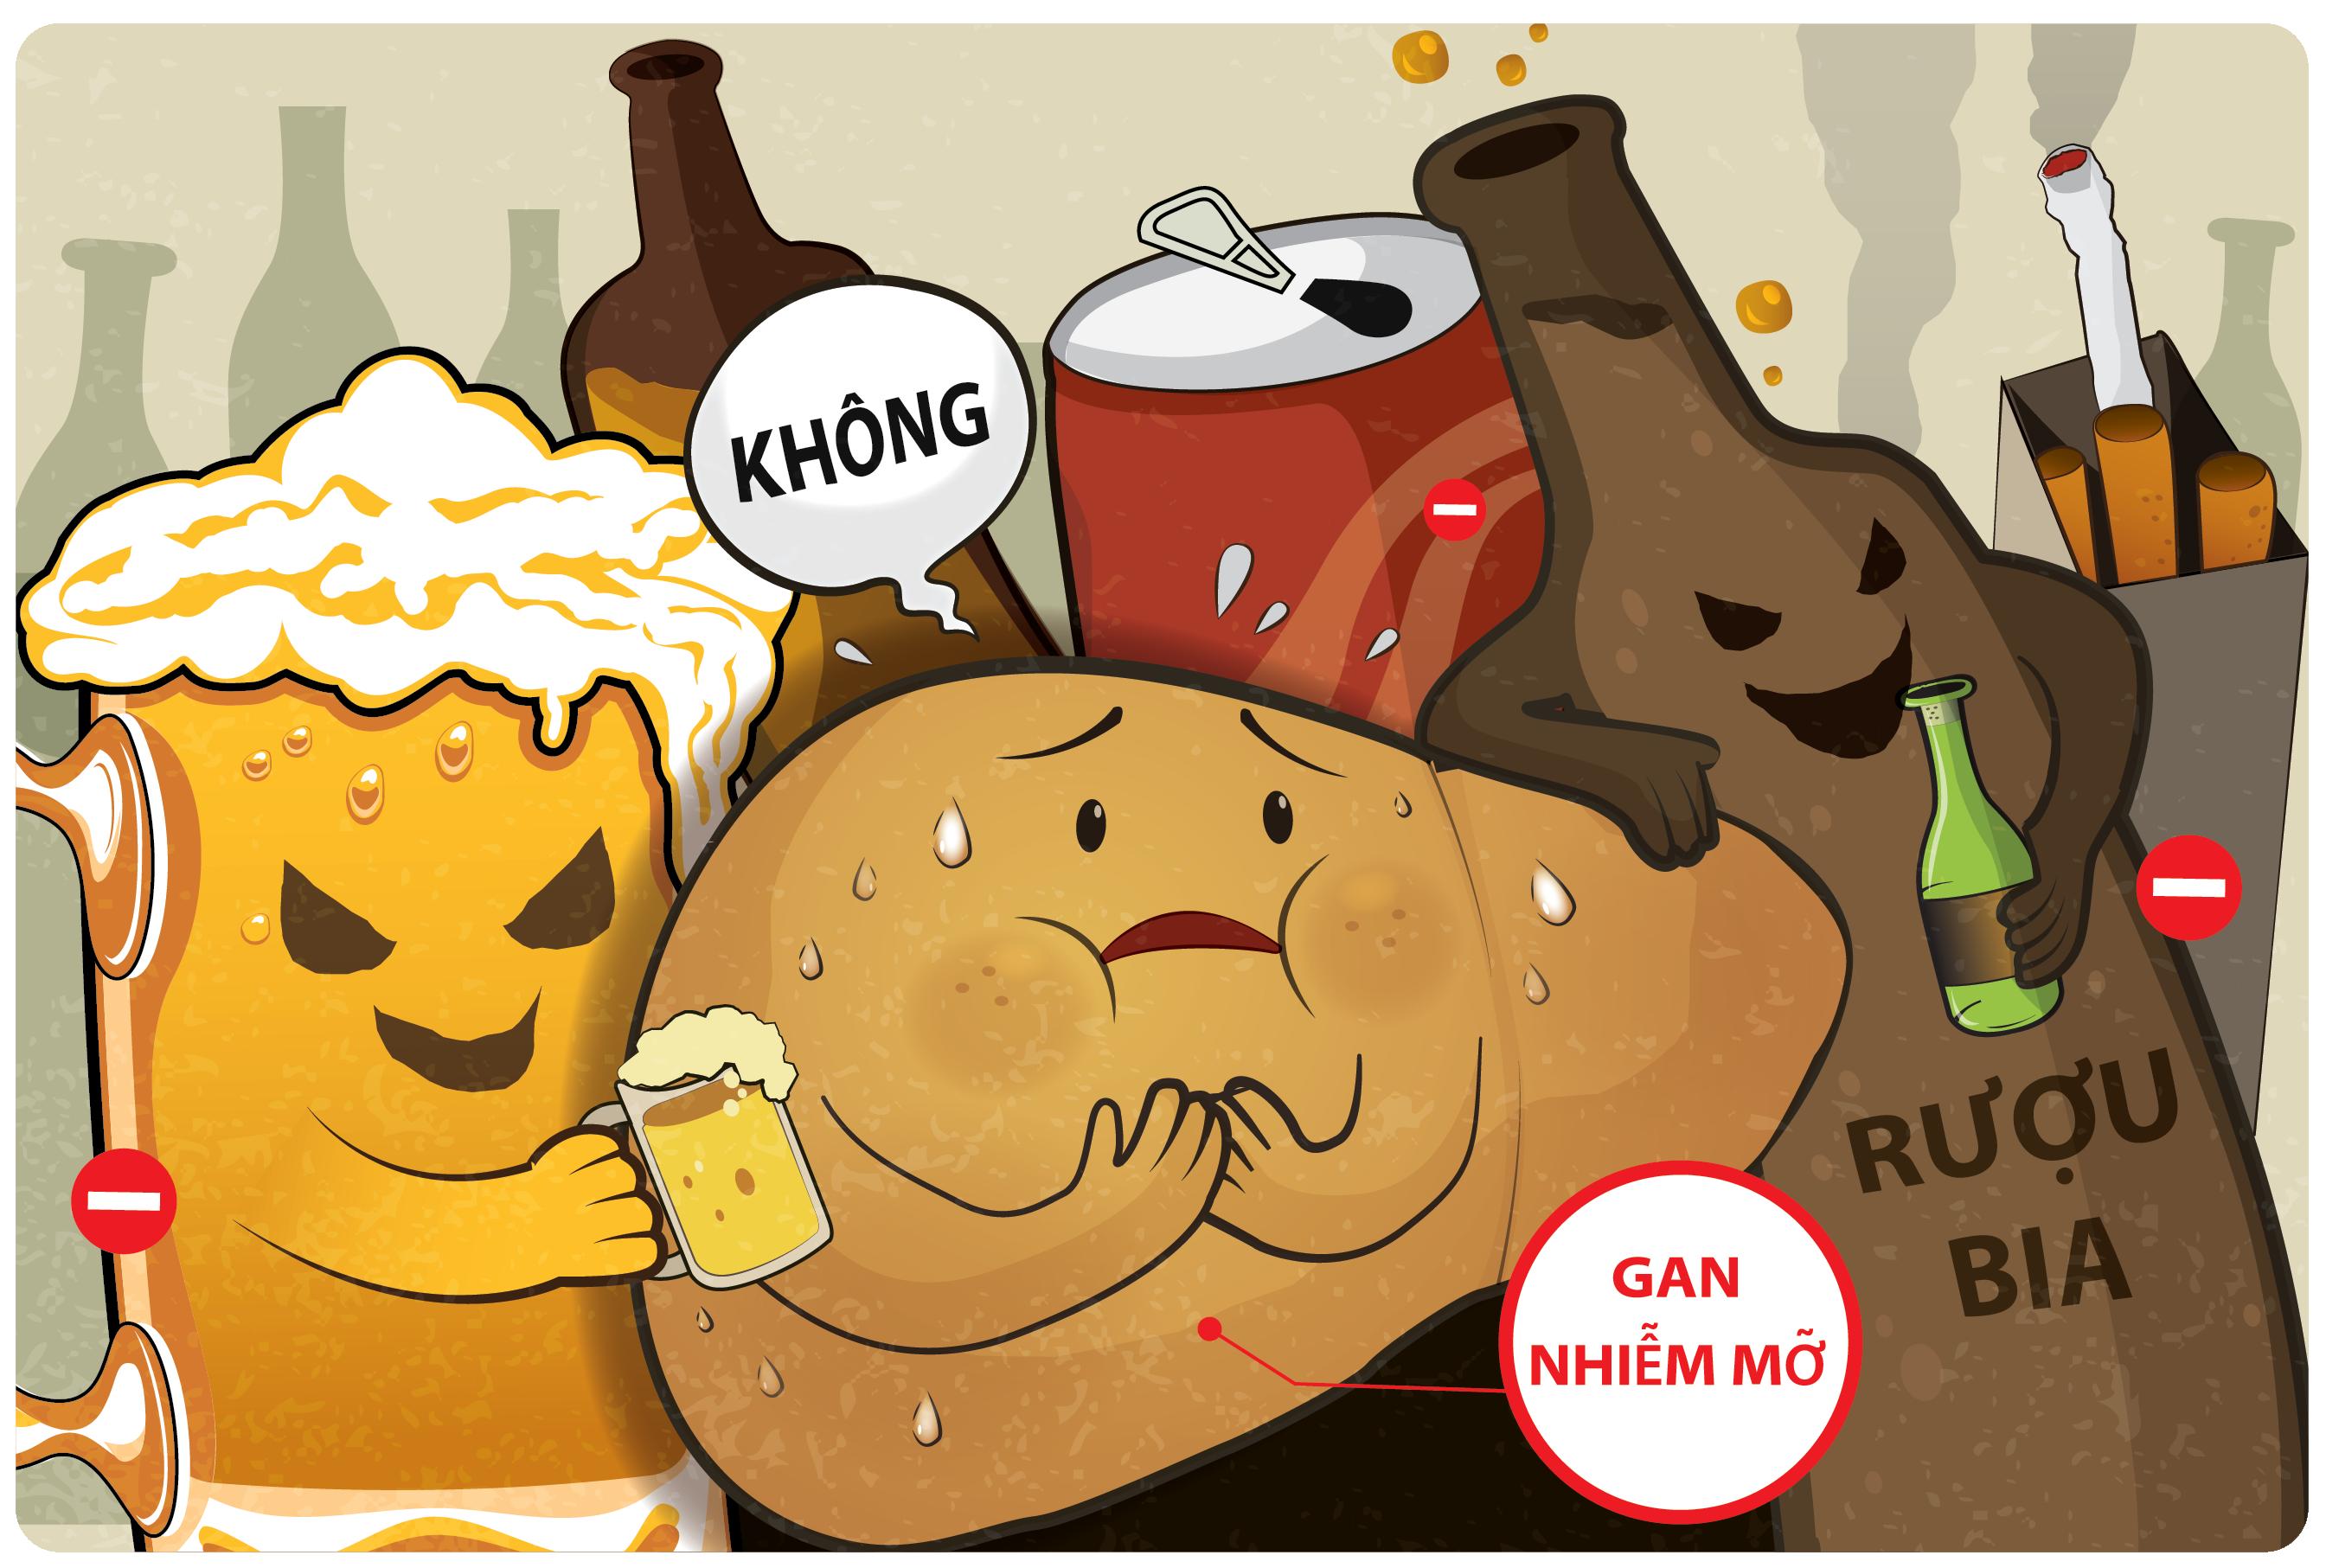 tác hại của bia rượu tới gan